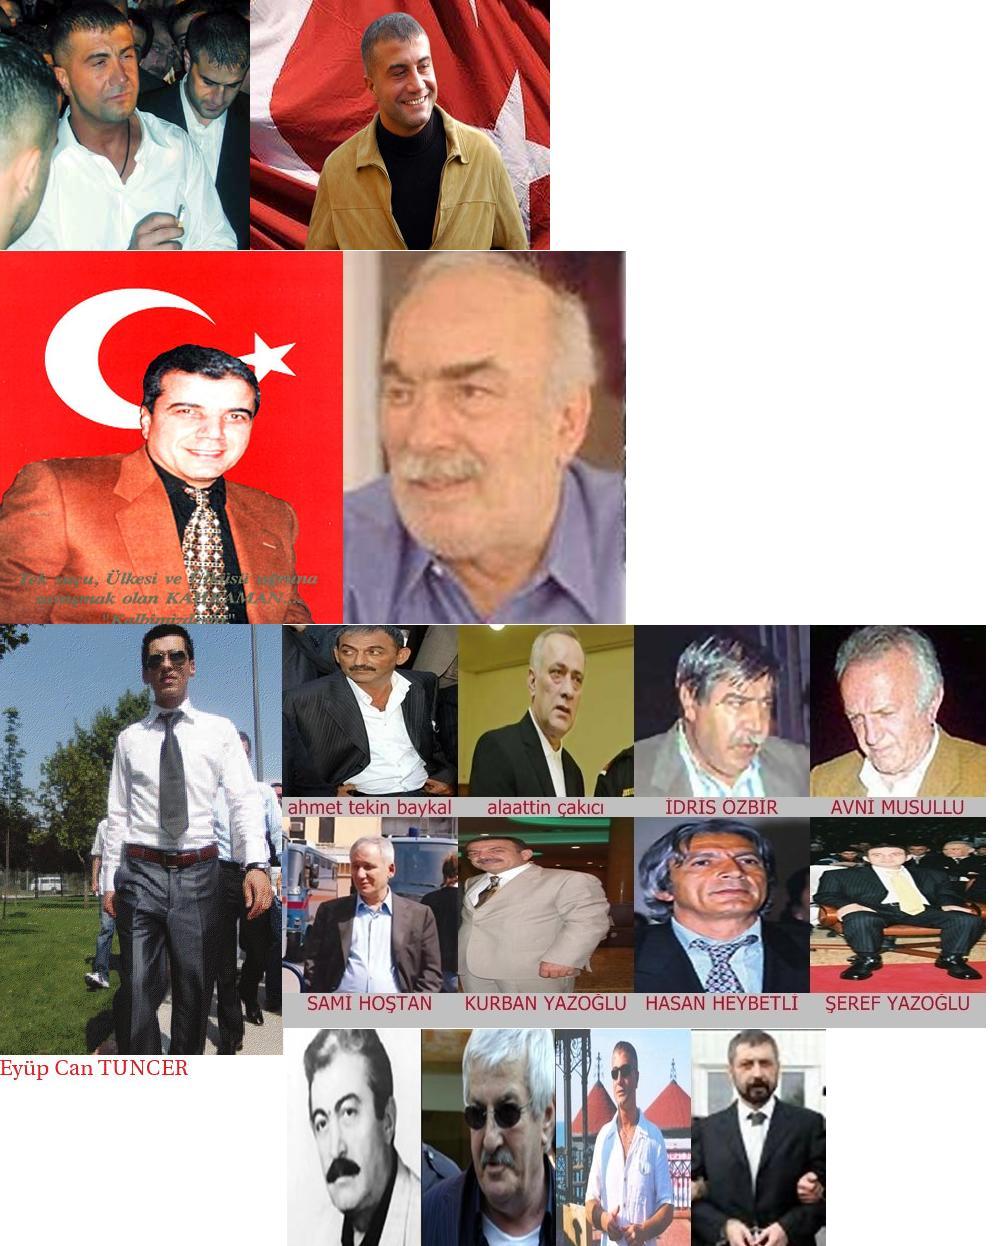 Turkmafya babaları büyükten küçüğe sedat peker sed